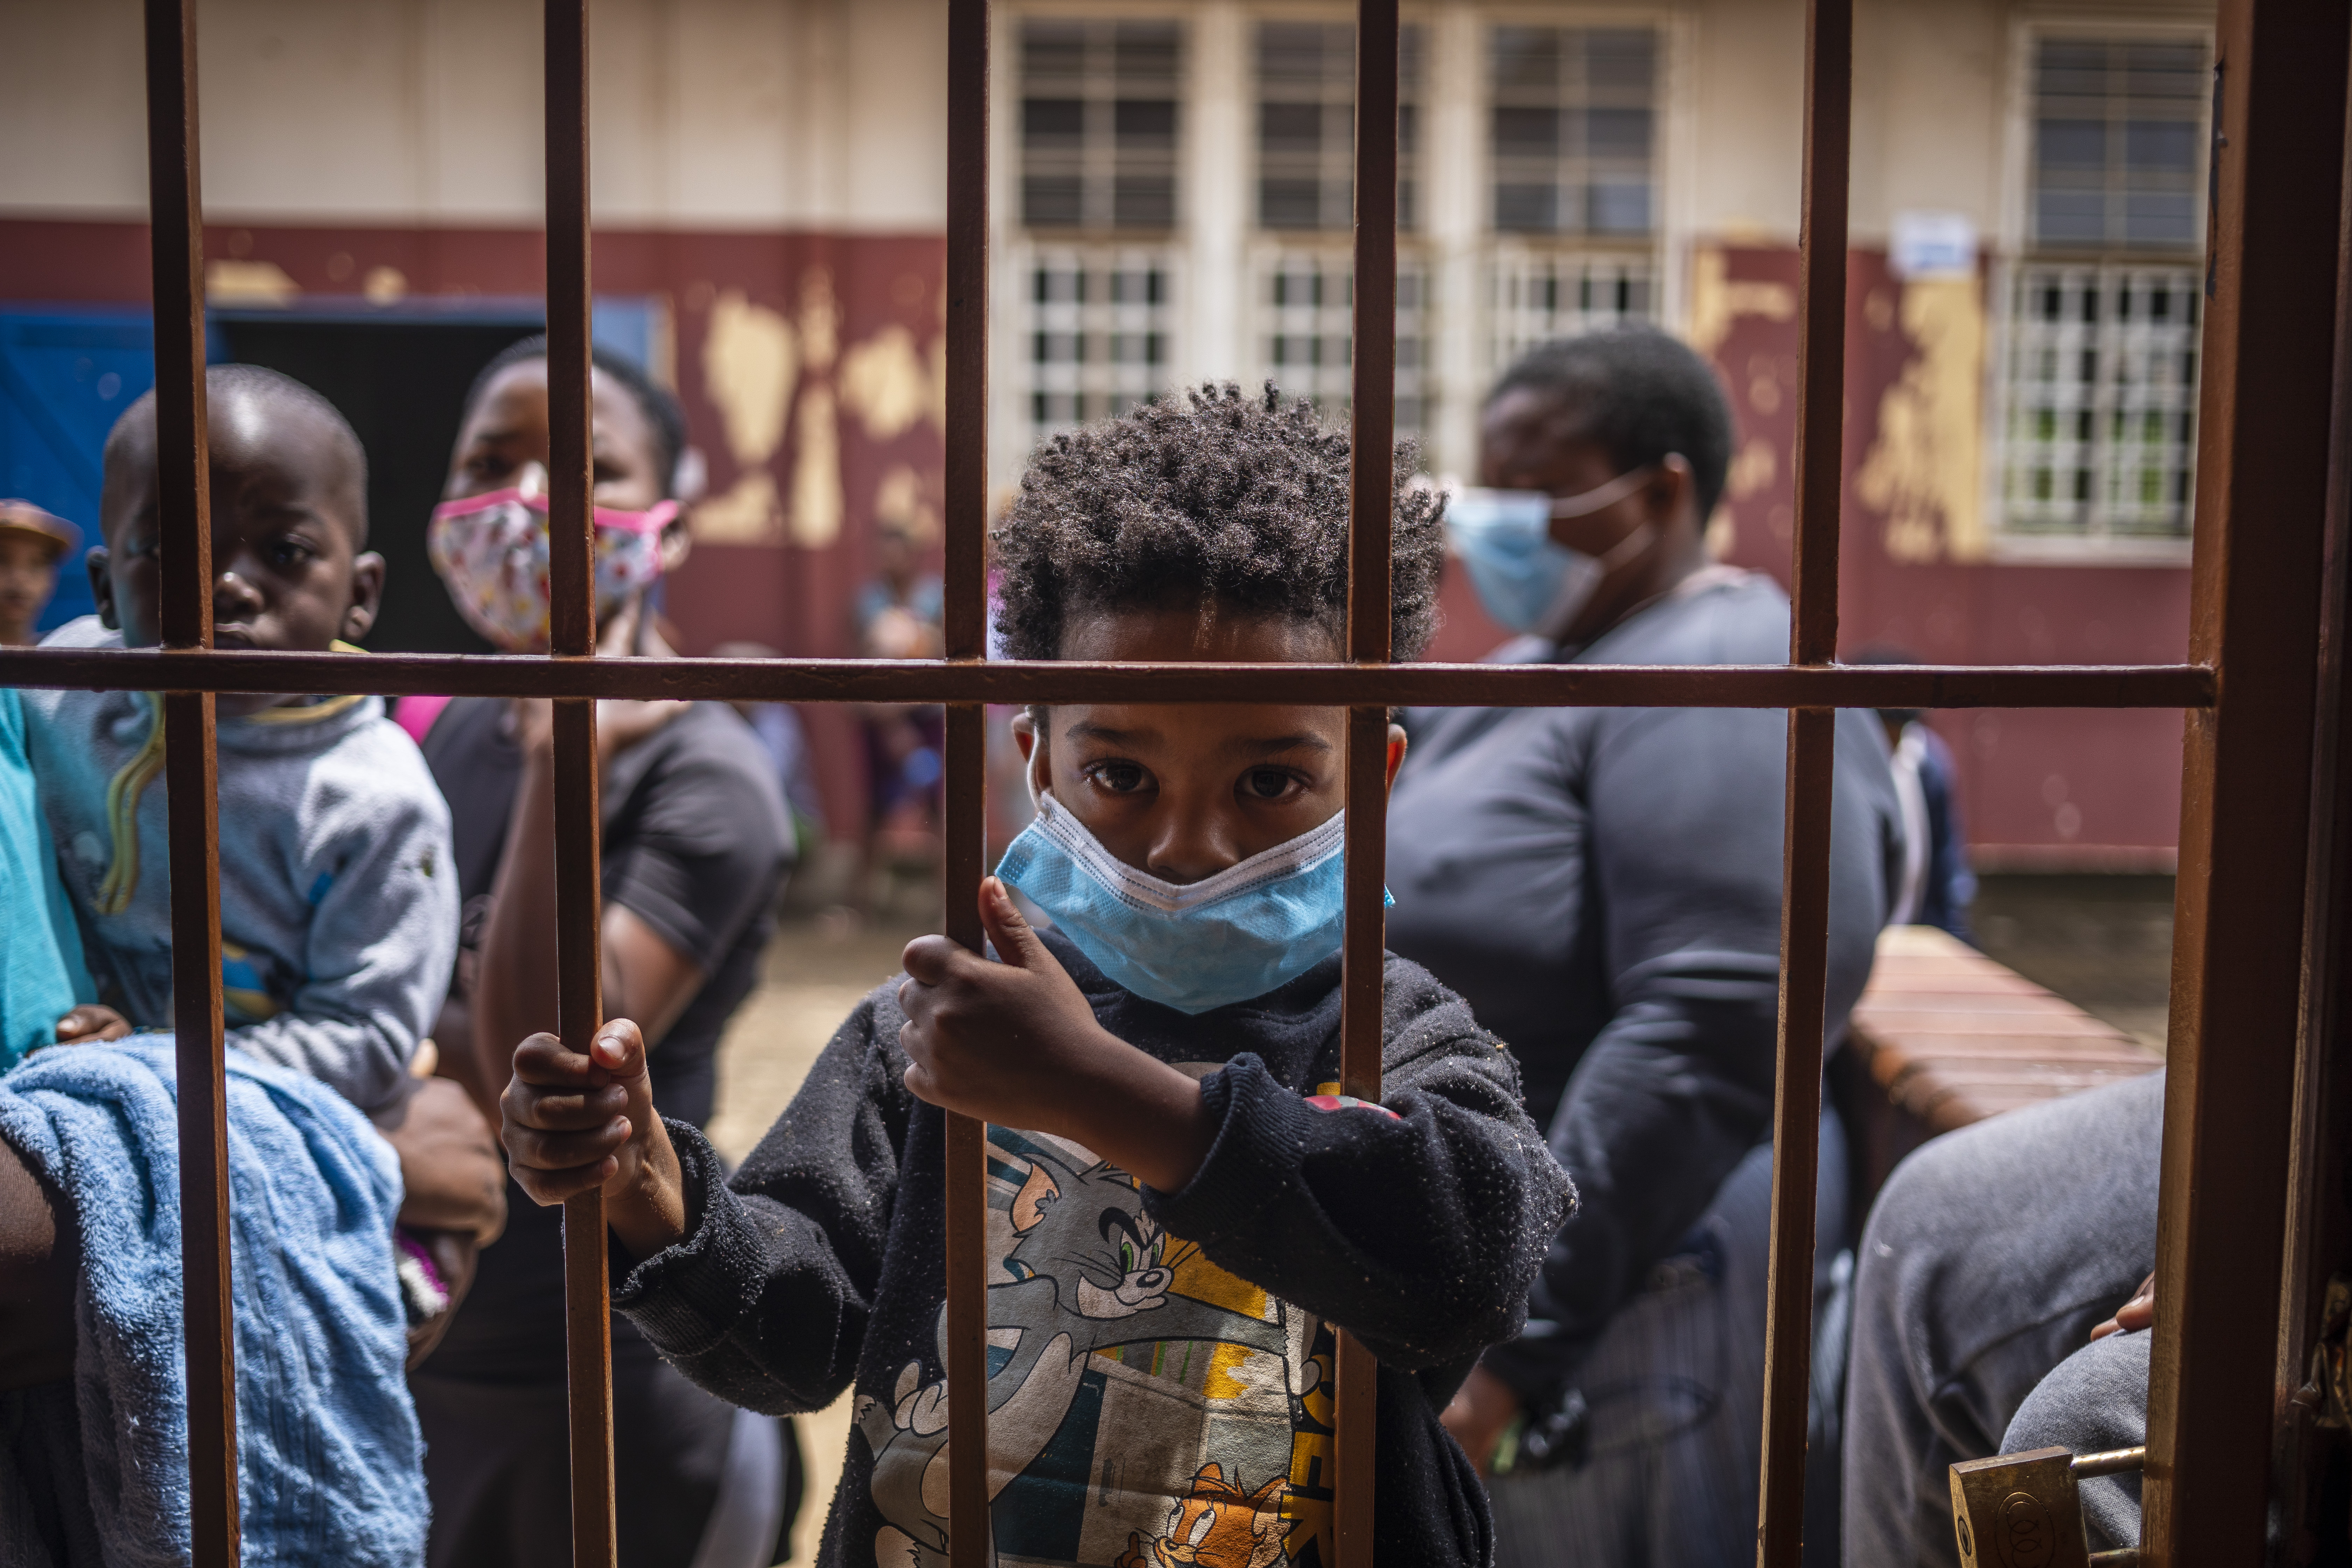 Güney Afrika'da Covid-19 vaka sayısı 1 milyonu aştı